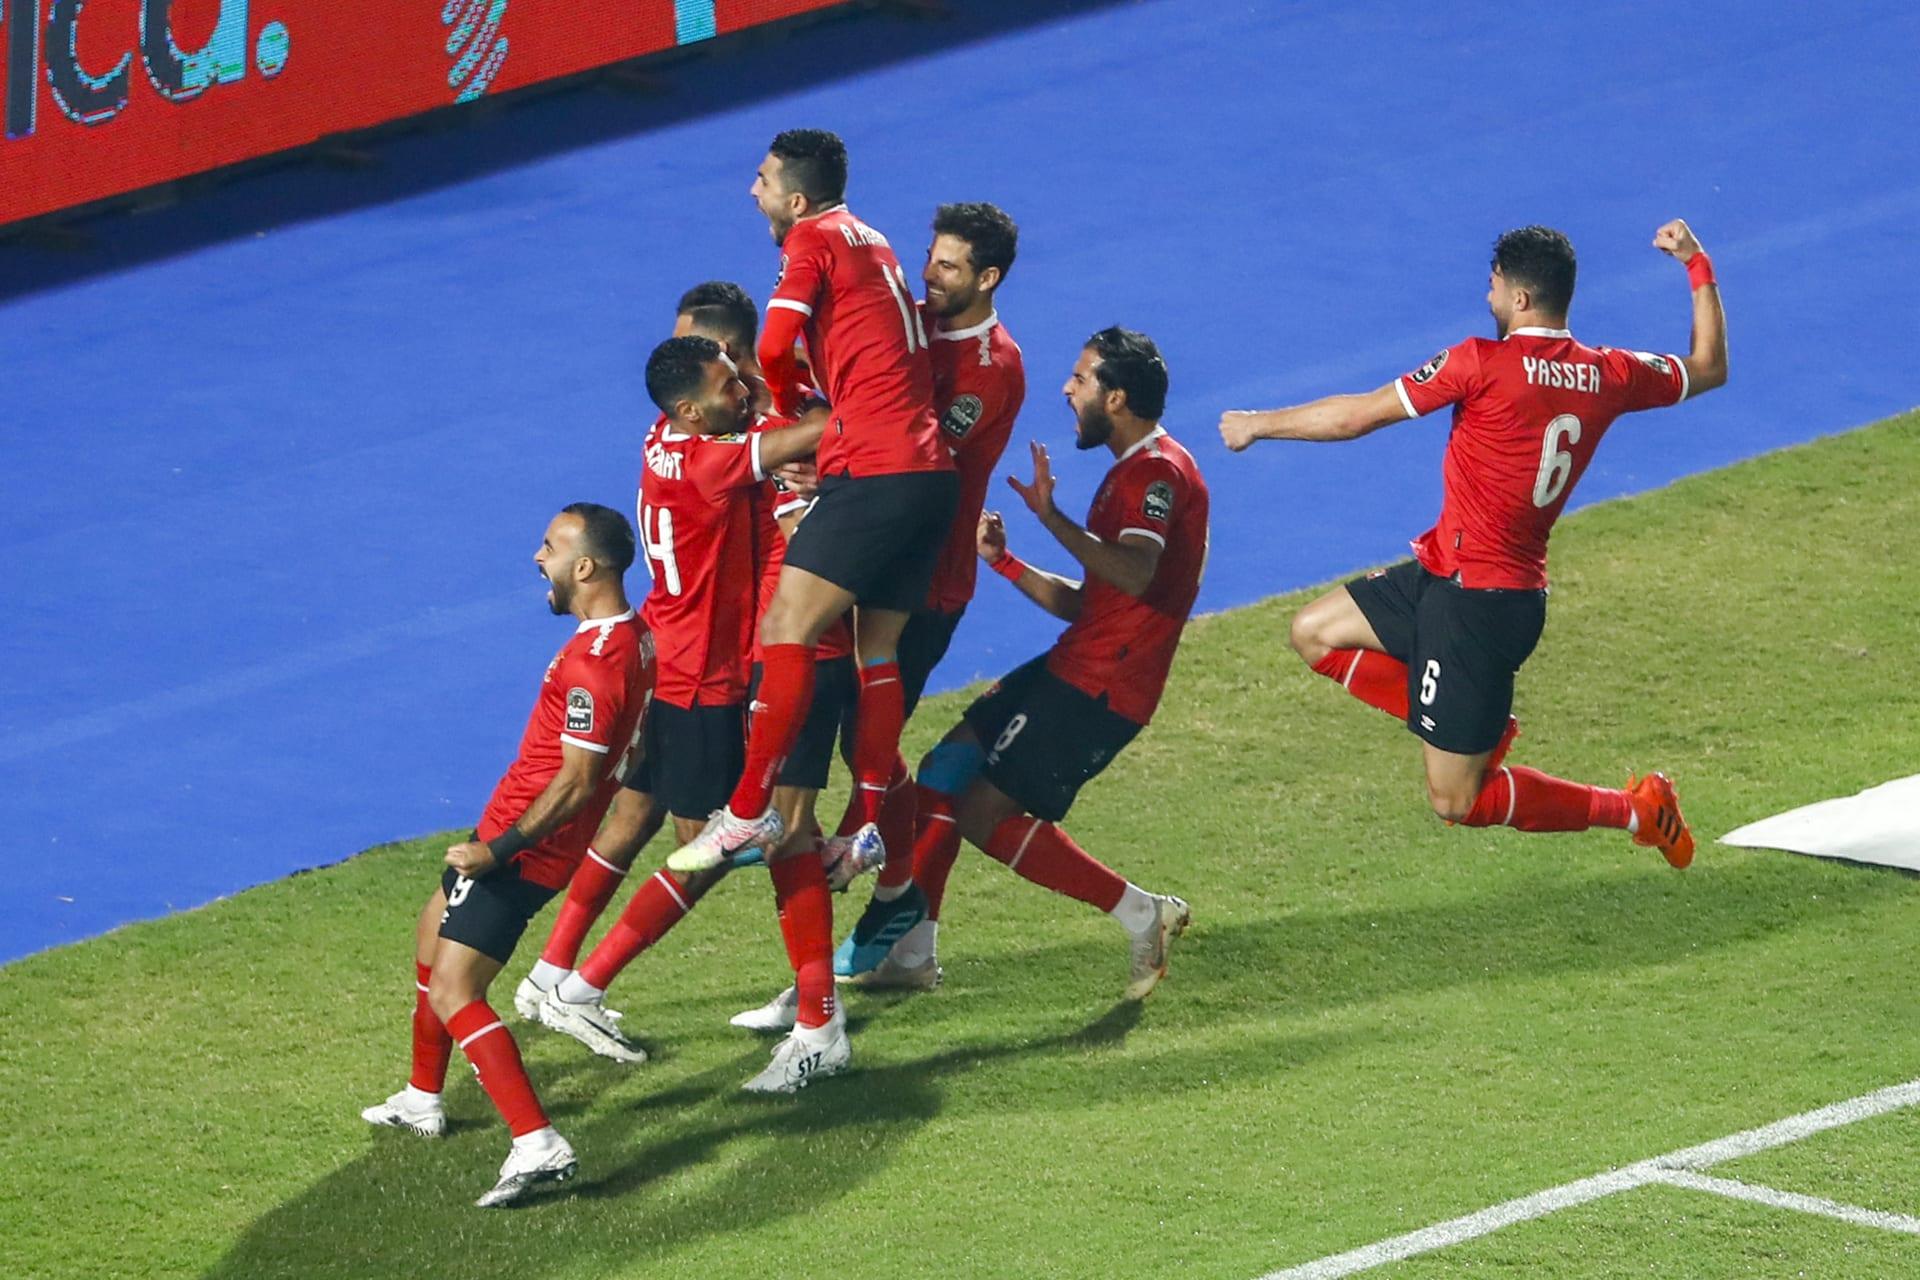 مواجهة بين الأهلي المصري والدحيل القطري في مونديال الأندية.. والفائز يواجه بايرن ميونخ